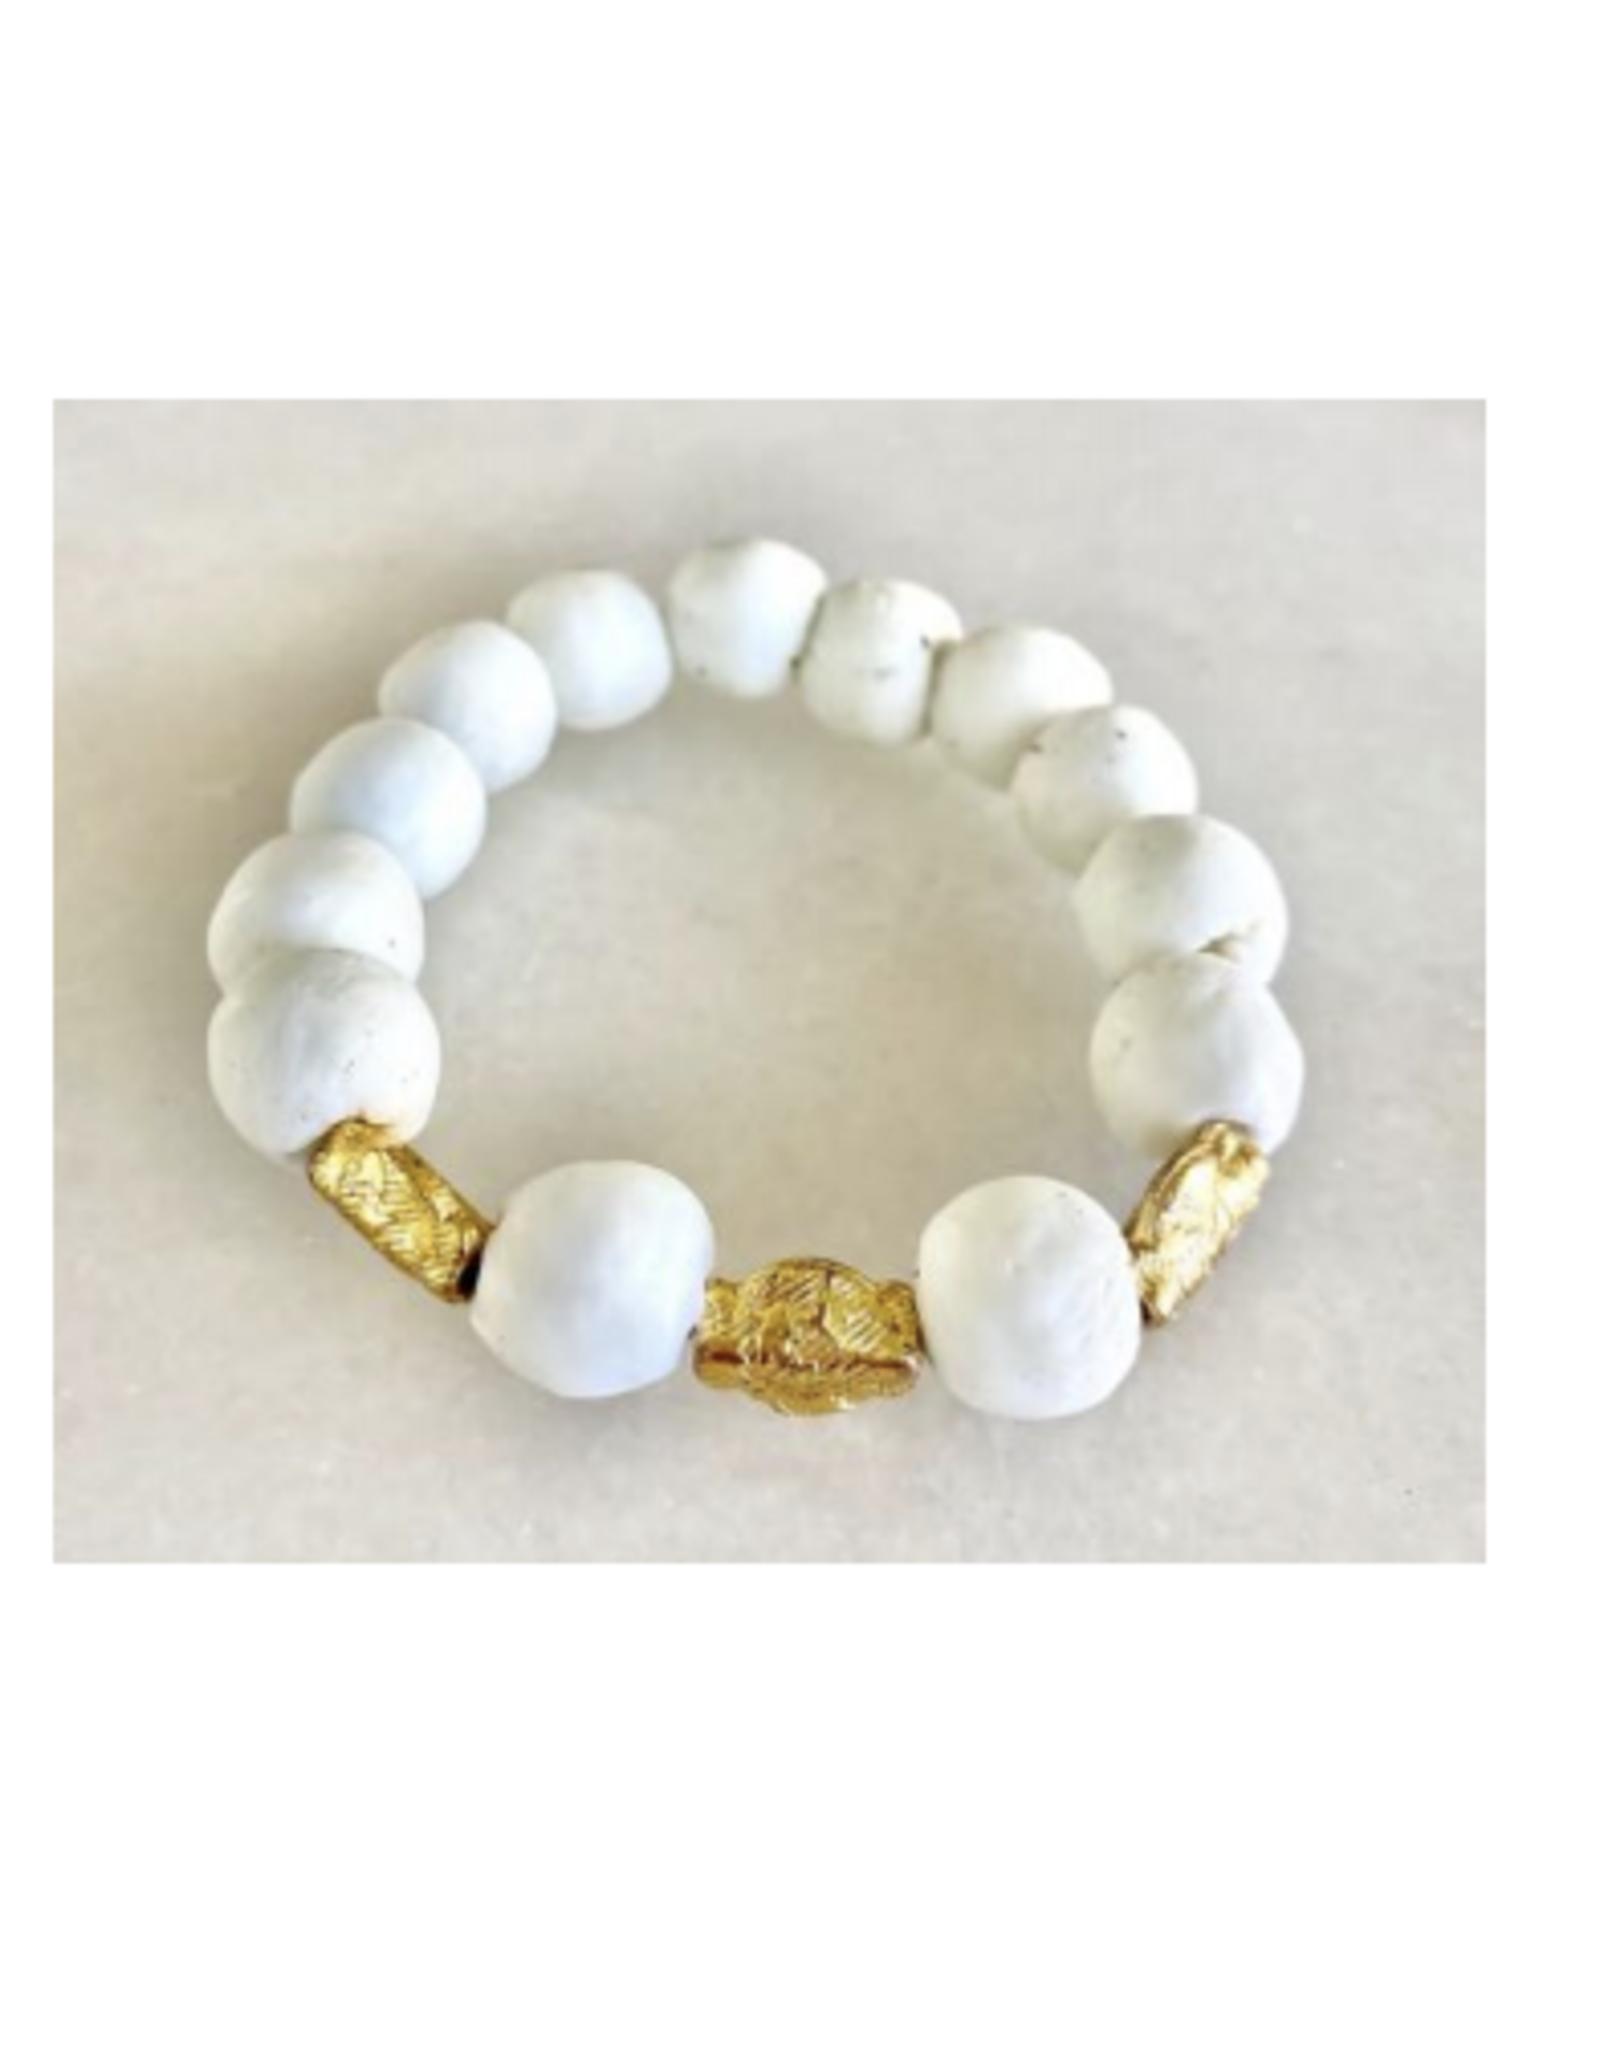 Coastal Grit White Sands Bracelet